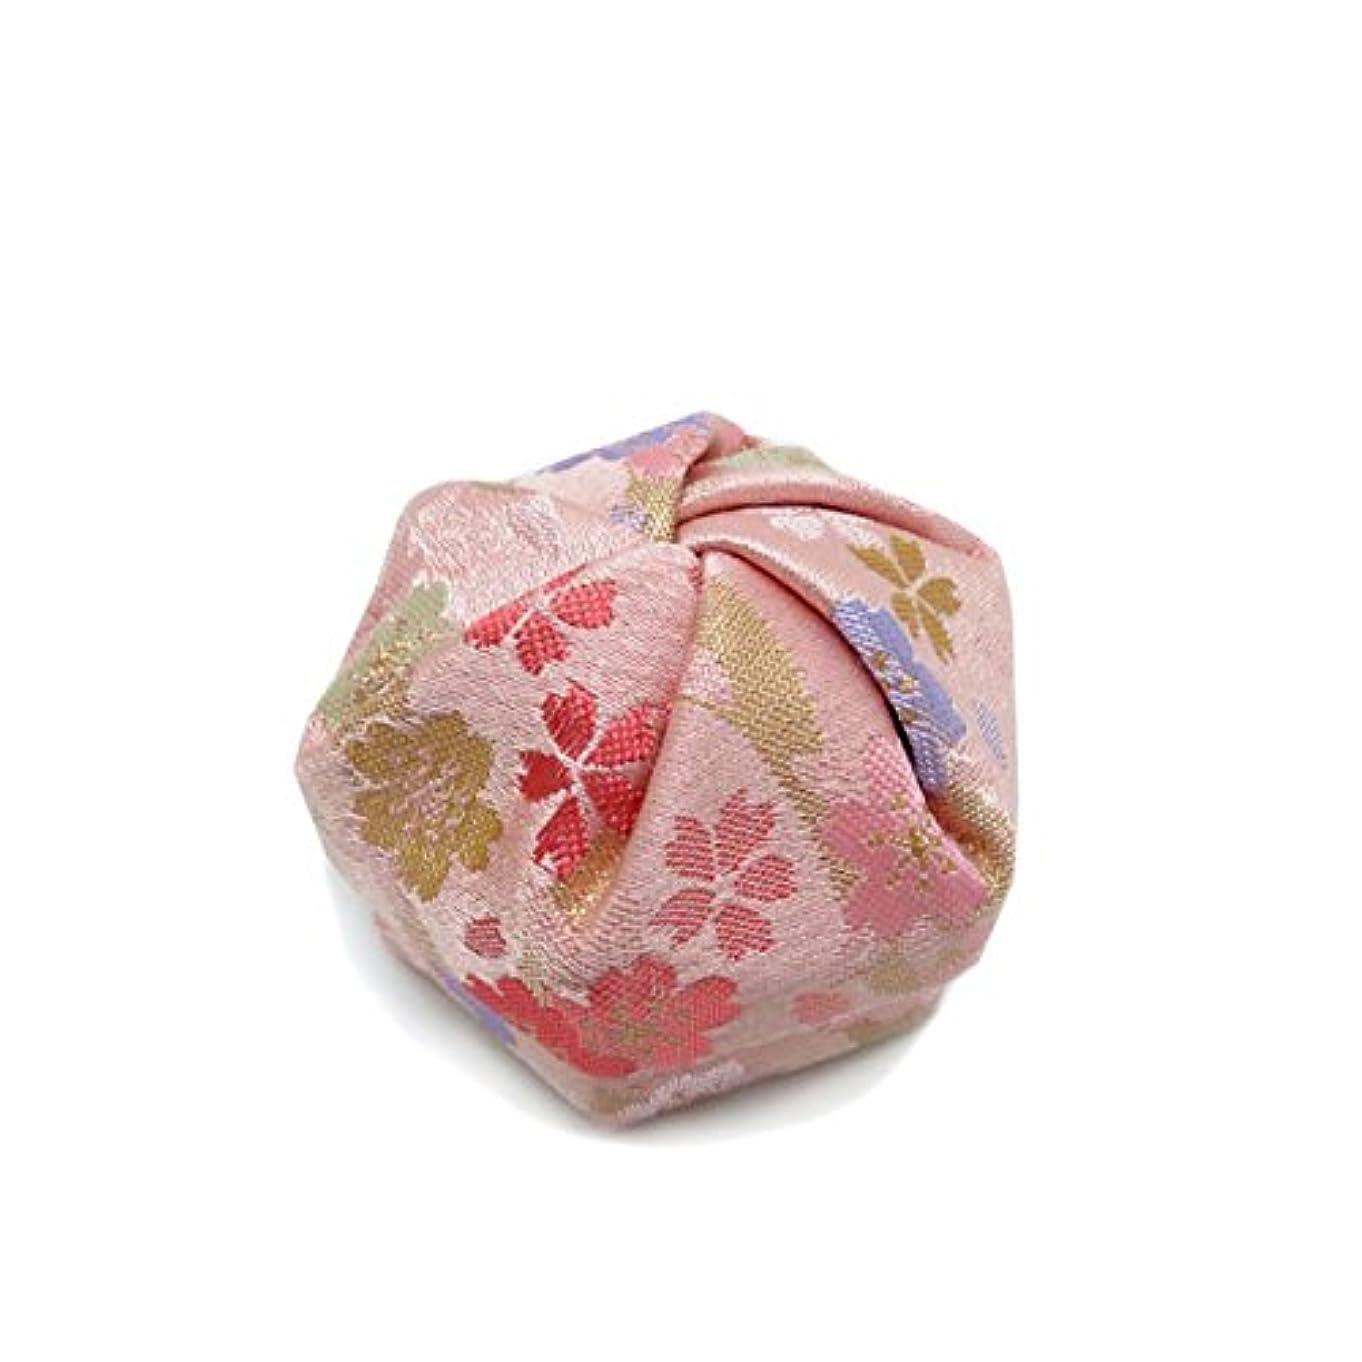 命題入射プレゼント布香盒 ピンク系 紙箱入